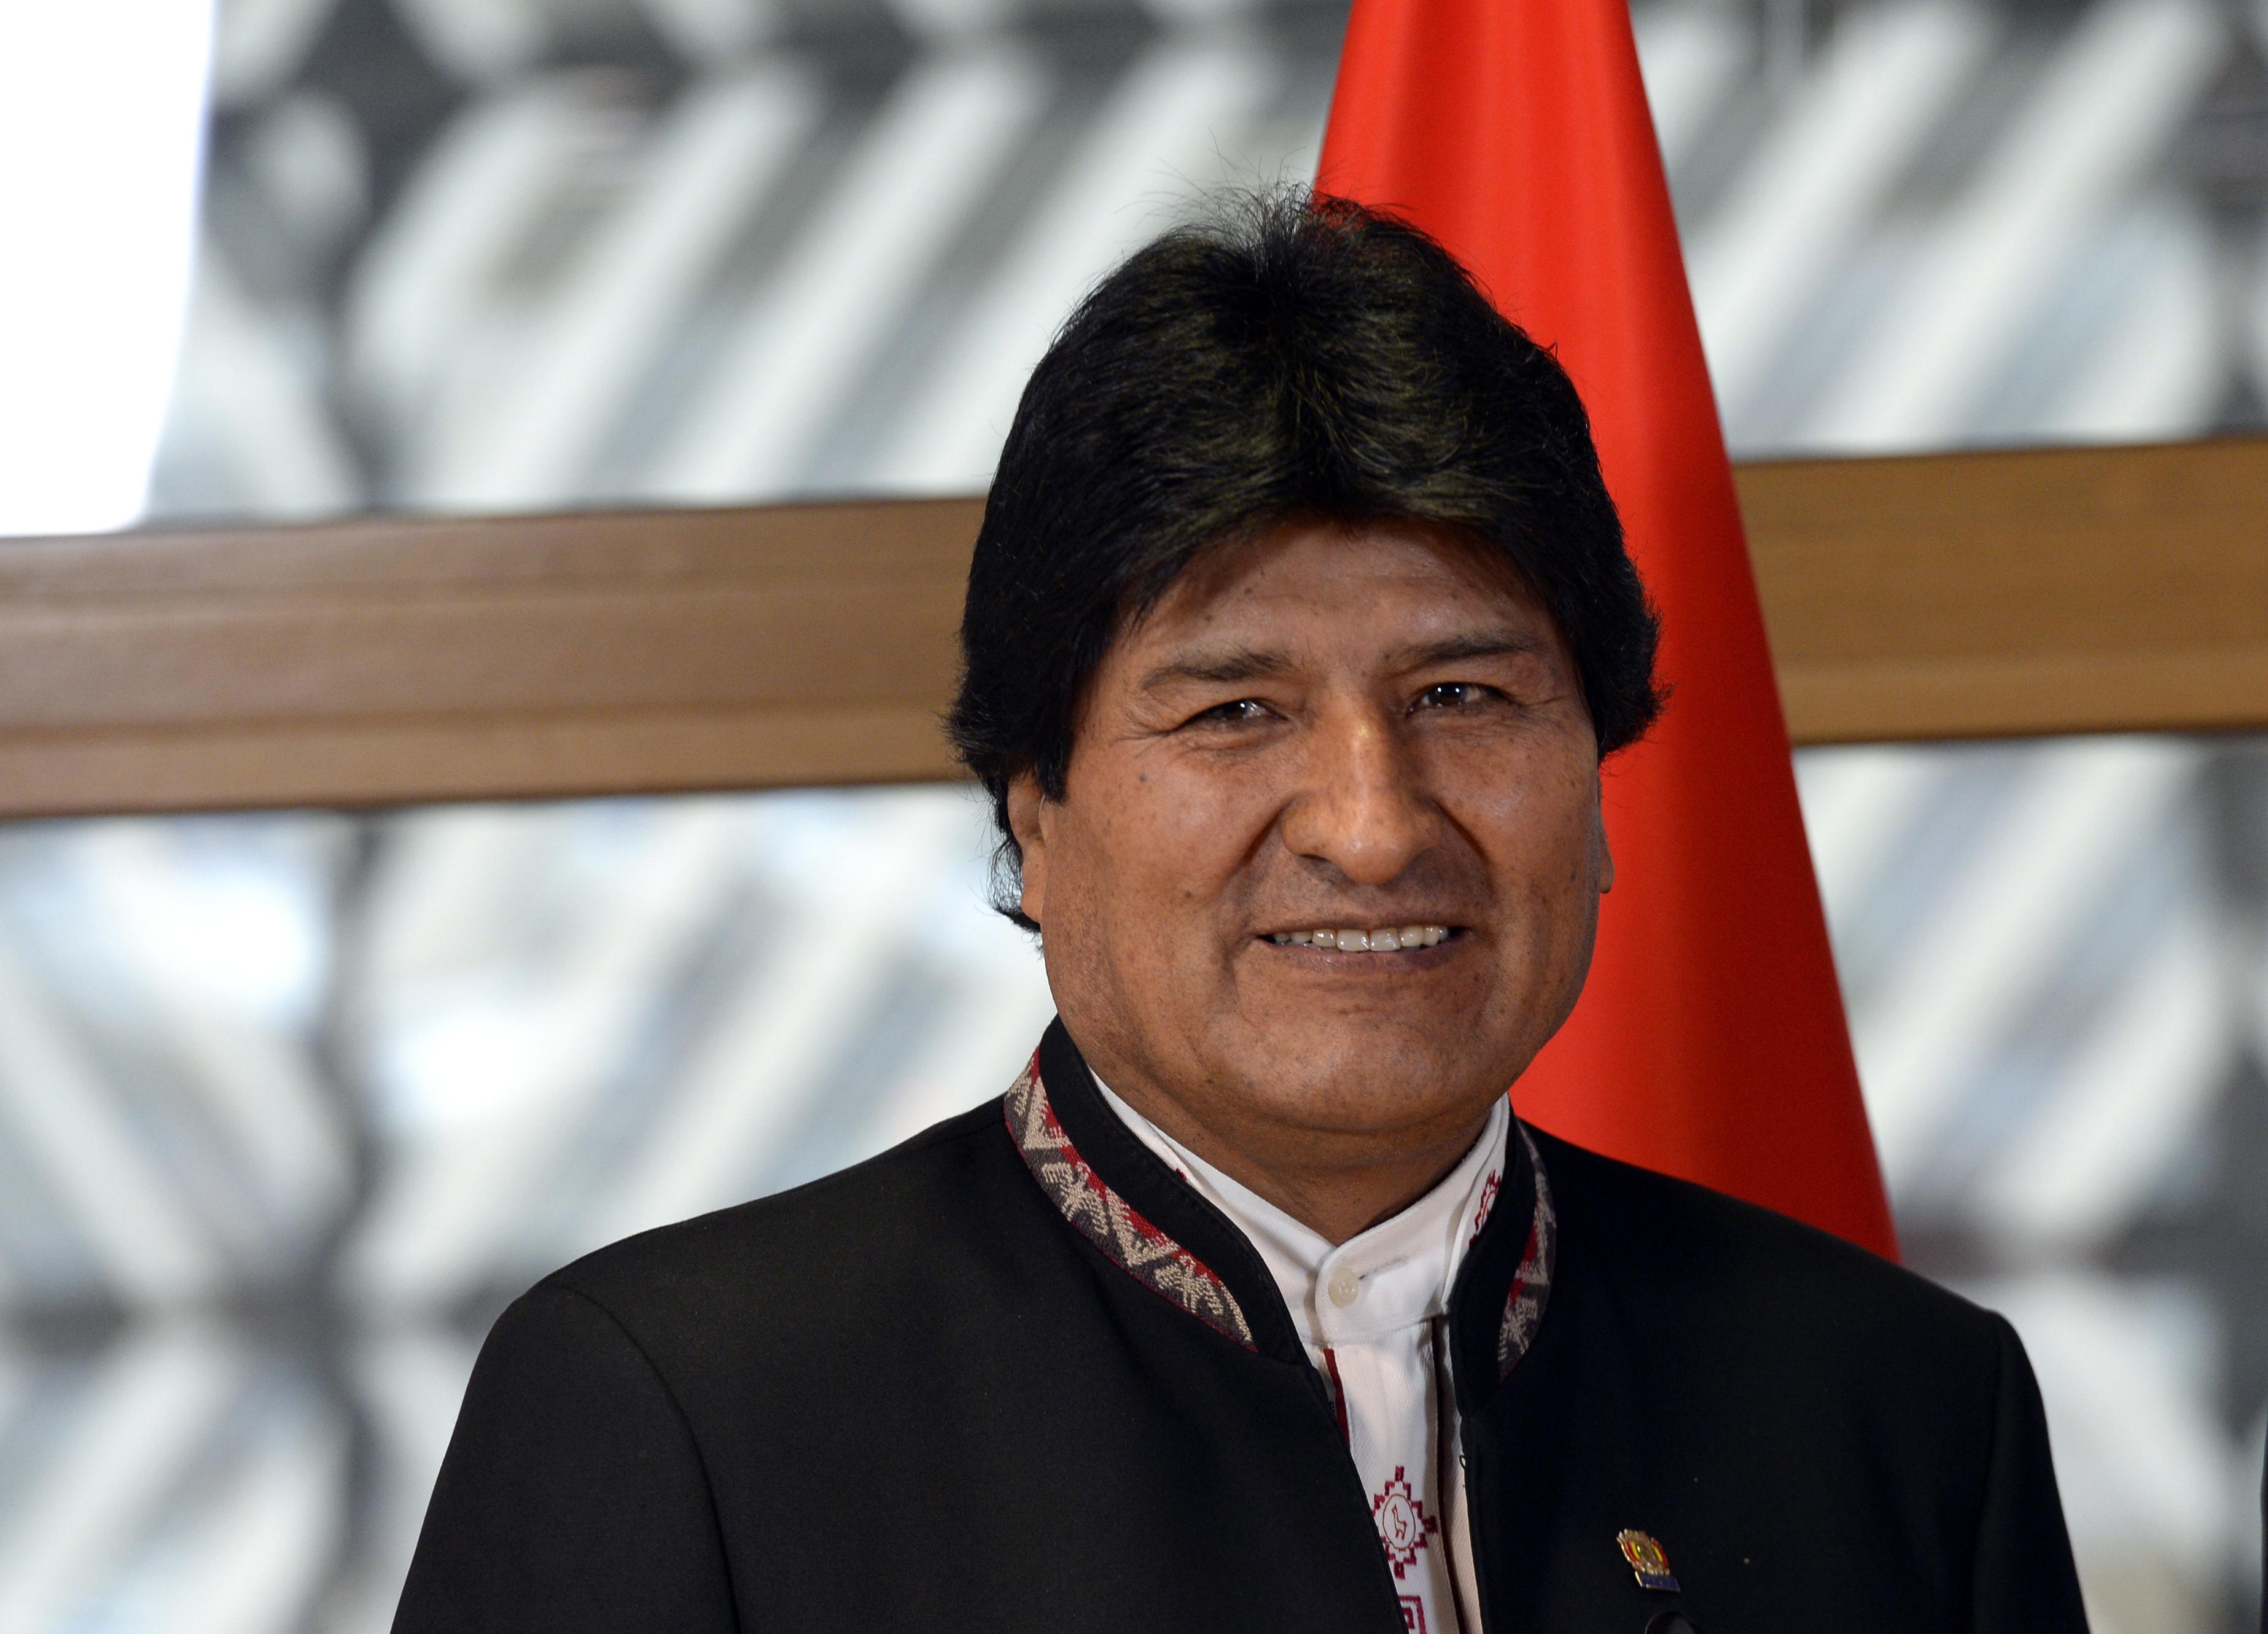 Evo Morales egy 3 m²-es sátorban fog éjszakázni Che Guevara halálának 50. évfordulóján